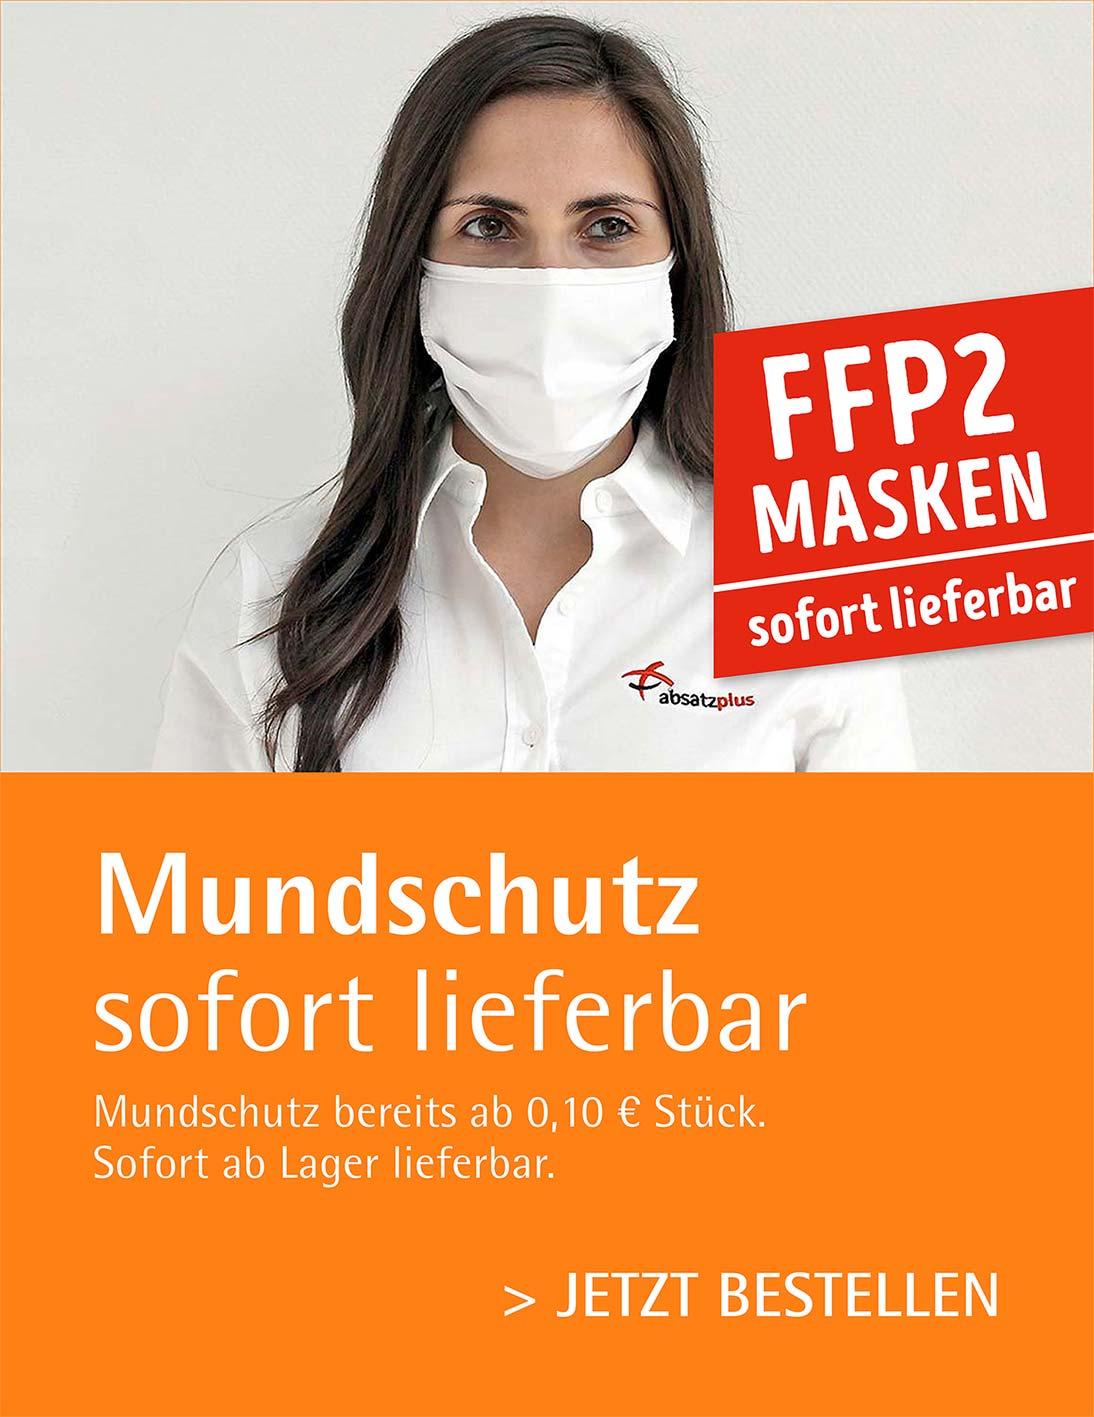 Mund-Nasen-Schutzmasken - FFP2 Masken sofort lieferbar